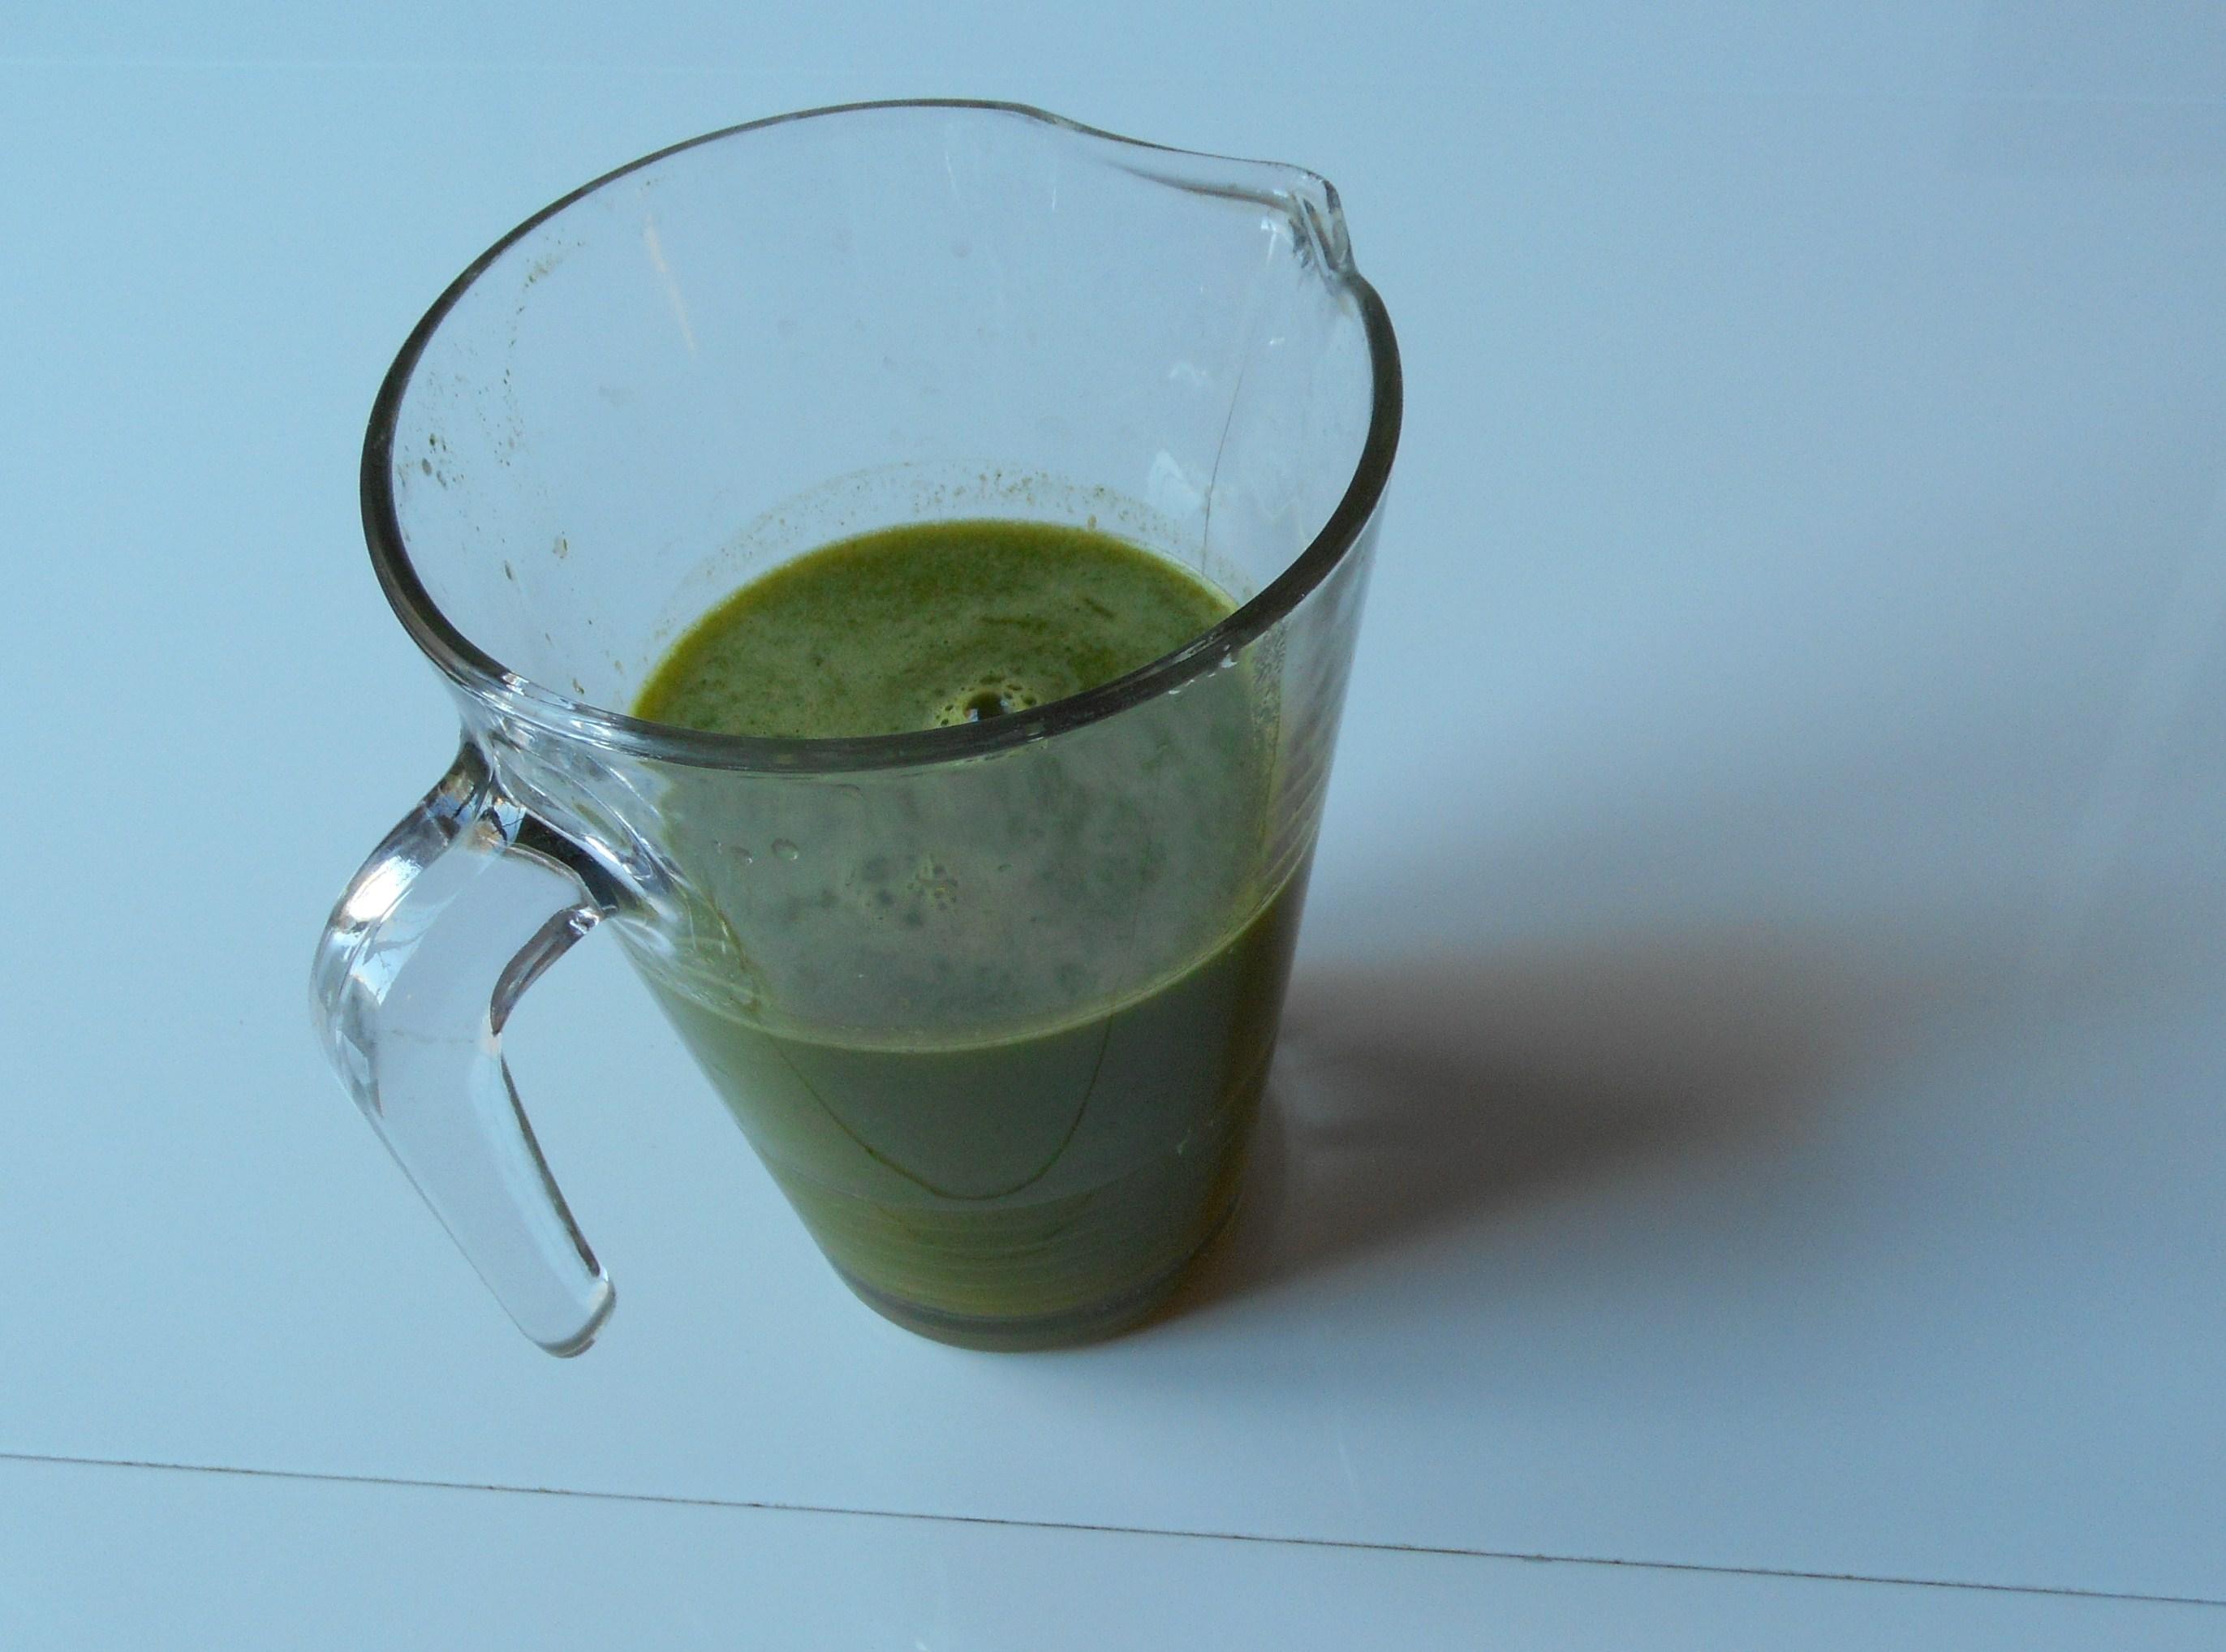 Le jus de persil calcium et vitamine c sont l 39 honneur vitaality jus de fruits frais - Quand repiquer le persil ...